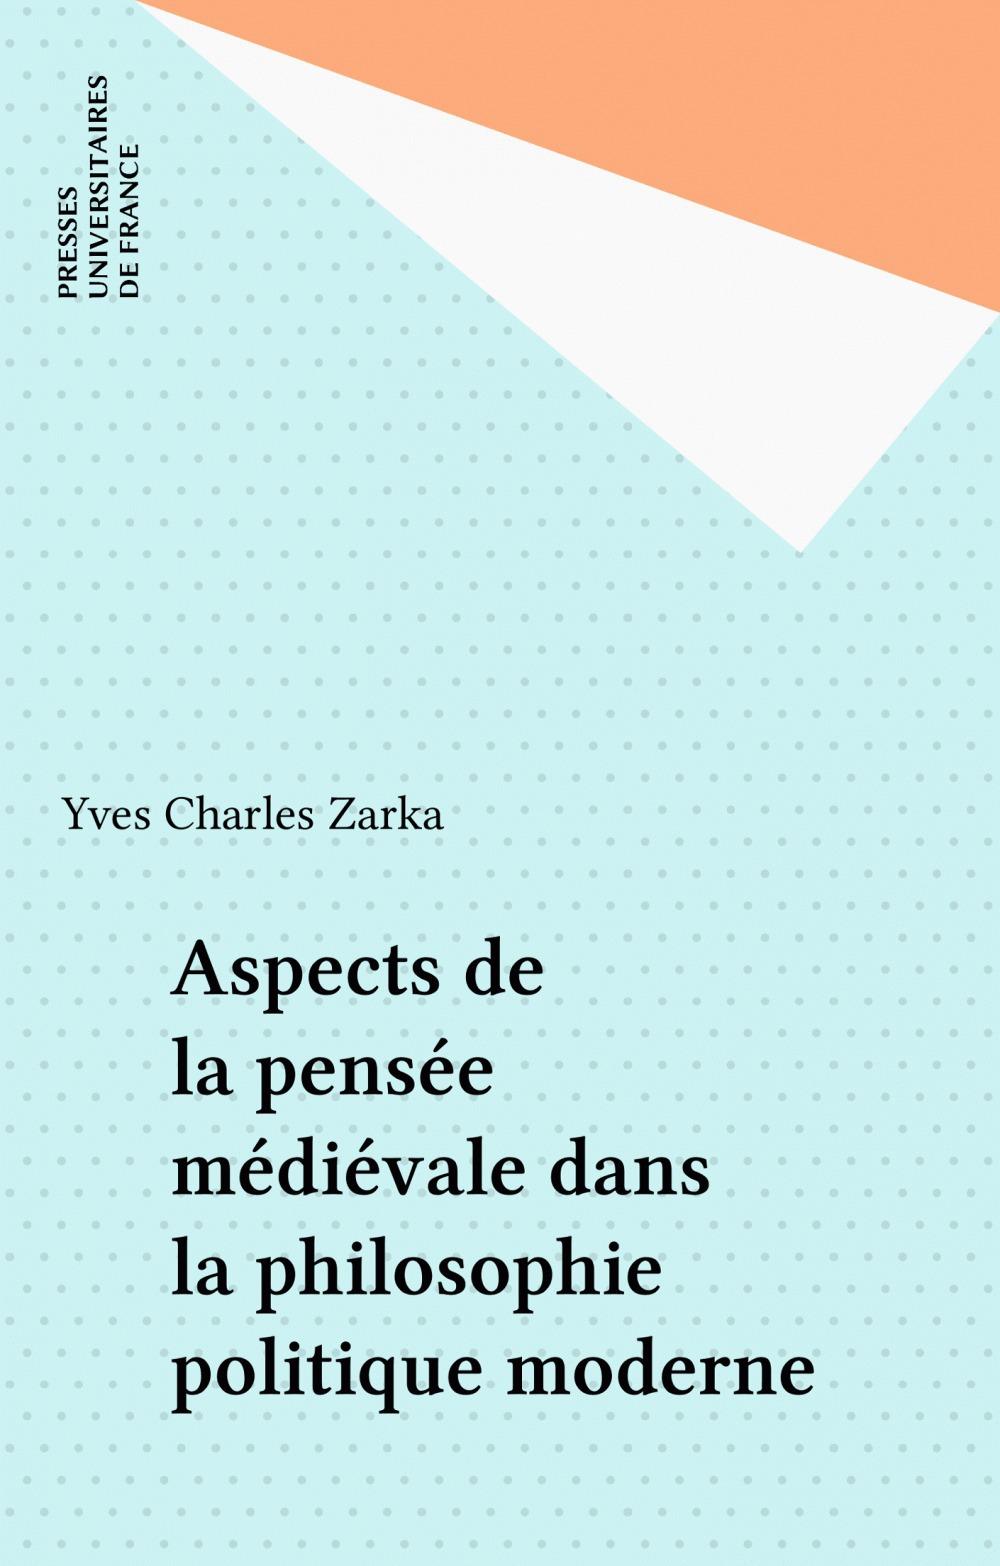 Yves Charles Zarka Aspects de la pensée médiévale dans la philosophie politique moderne